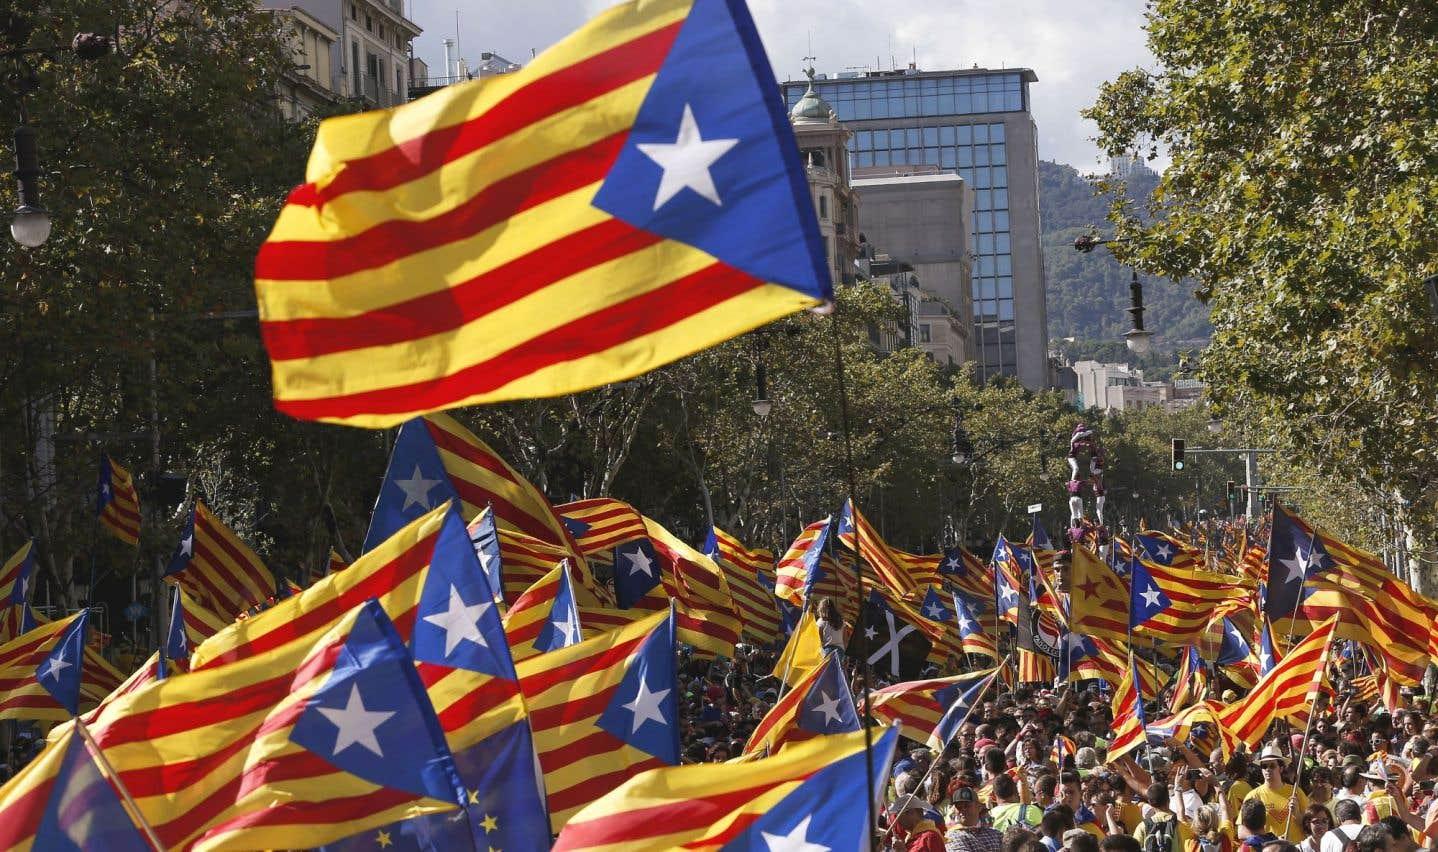 Le premier rapport de l'institut sur la souveraineté se prononce sur la Catalogne